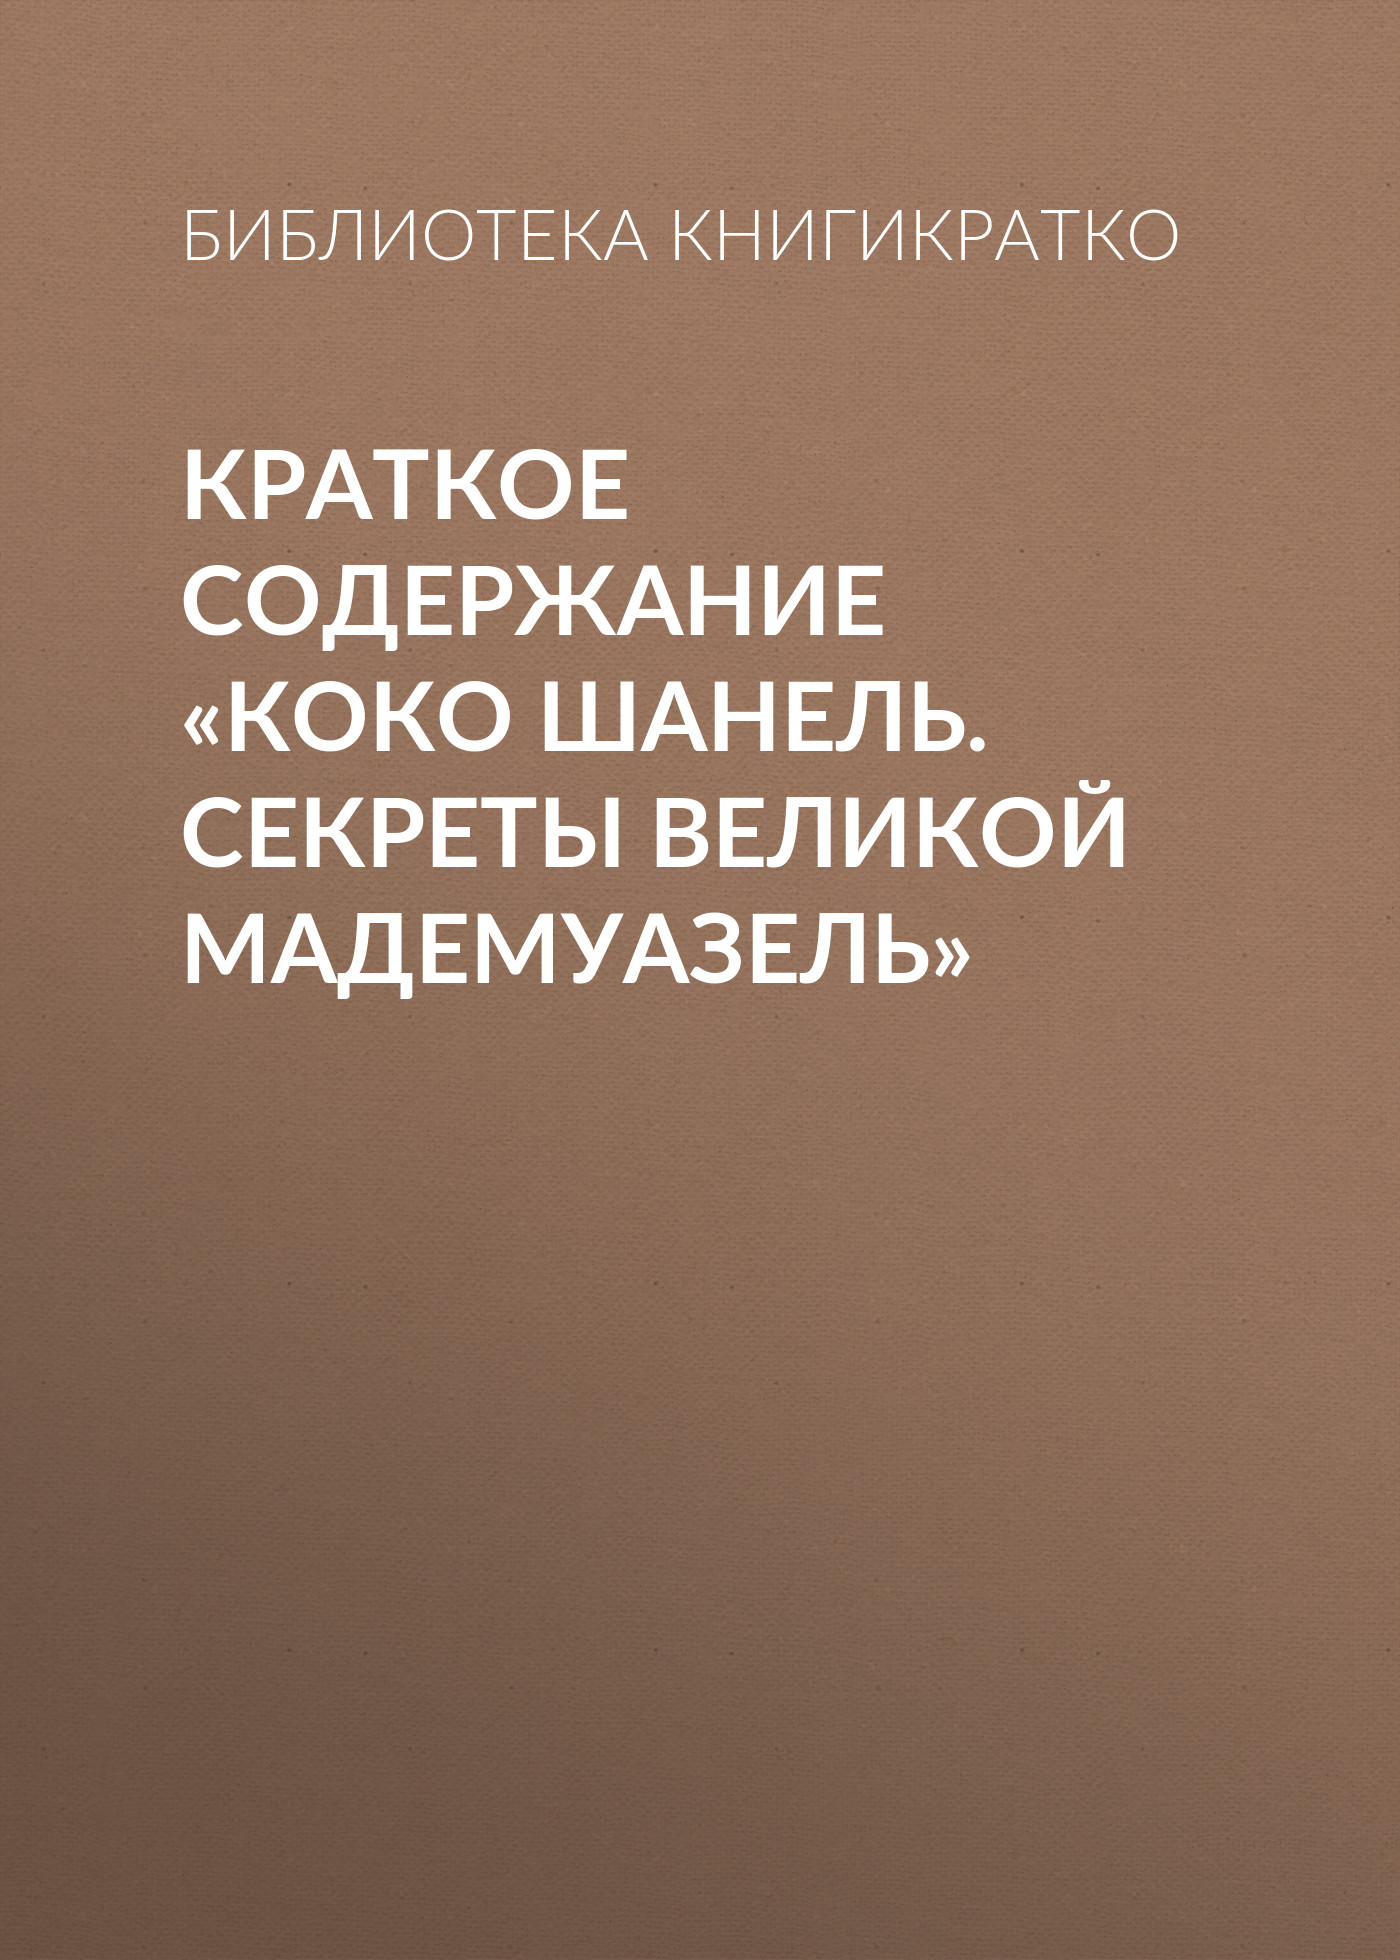 Библиотека КнигиКратко Краткое содержание «Коко Шанель. Секреты Великой Мадемуазель» футболка шанель